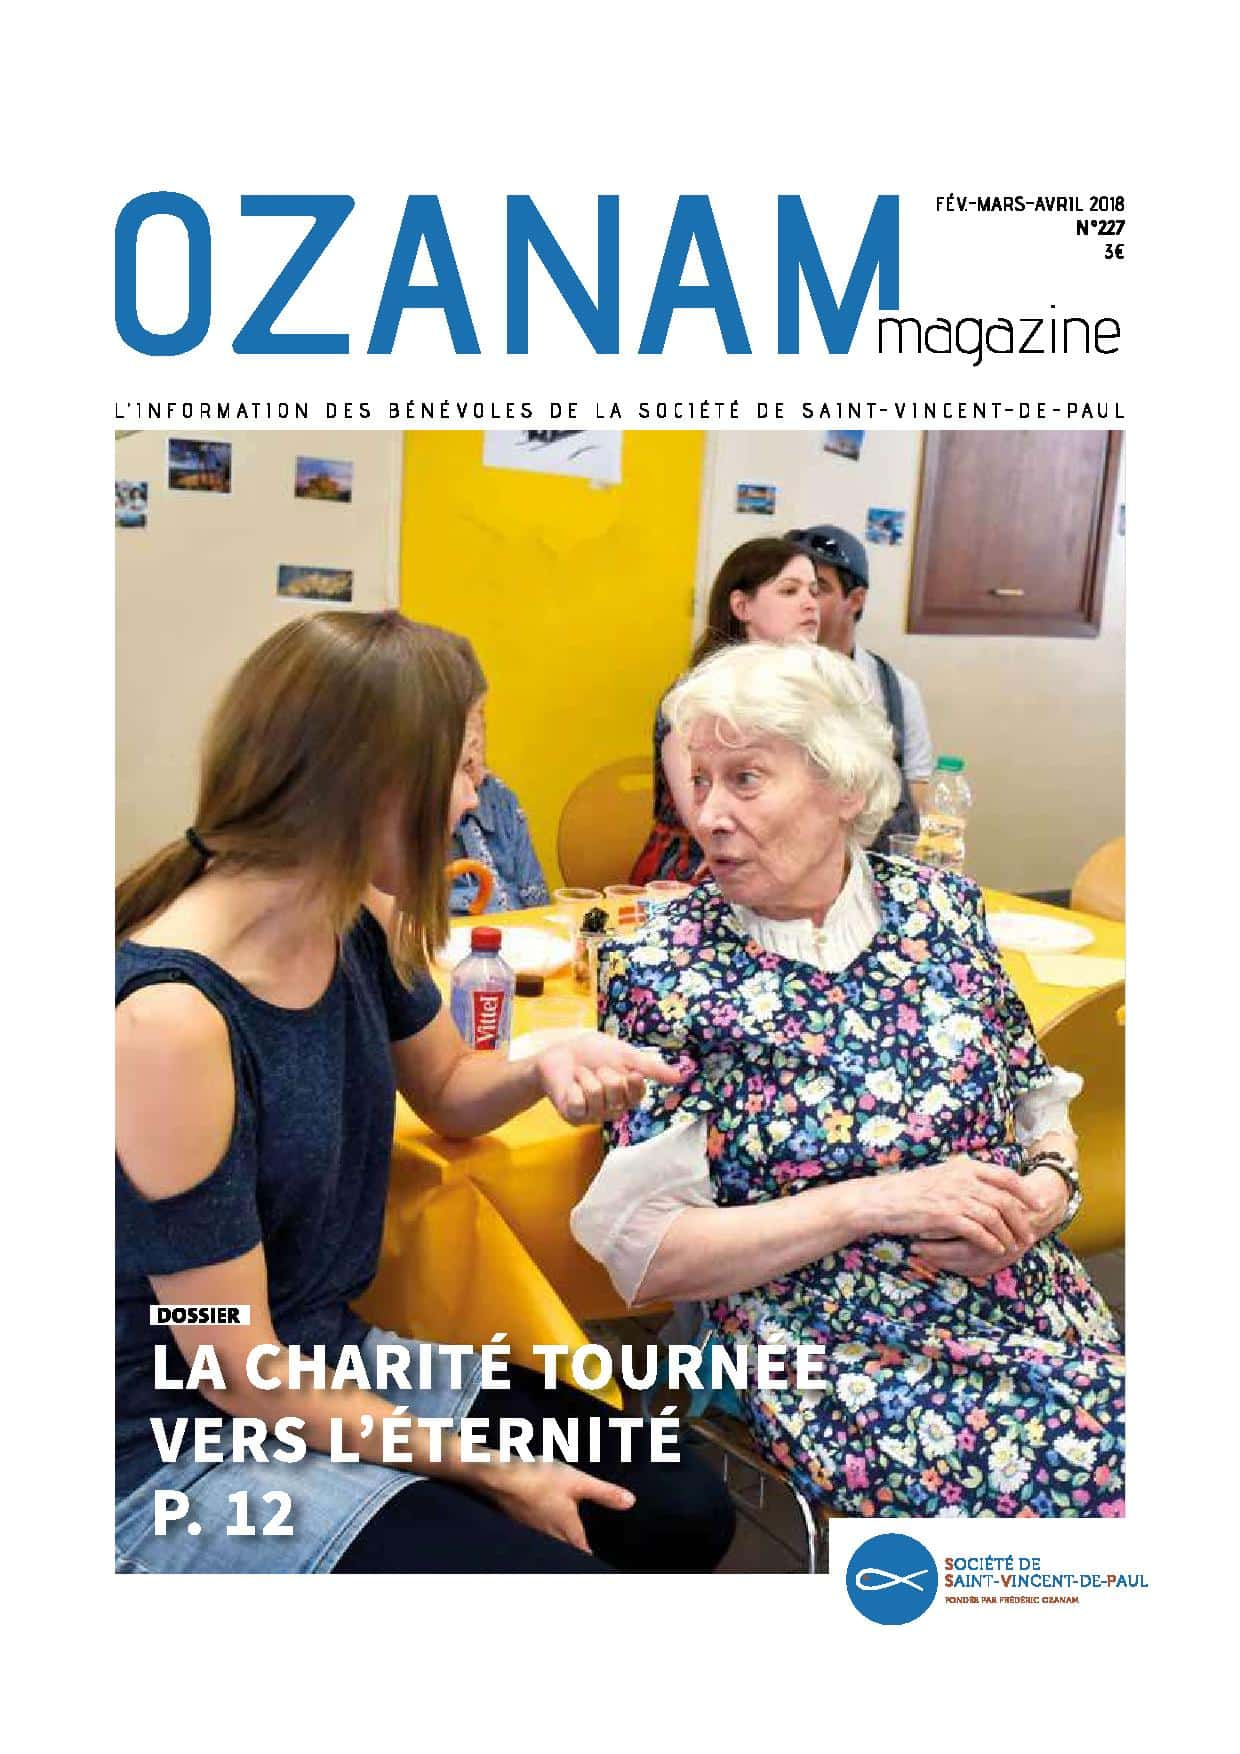 Ozmag227-couverture